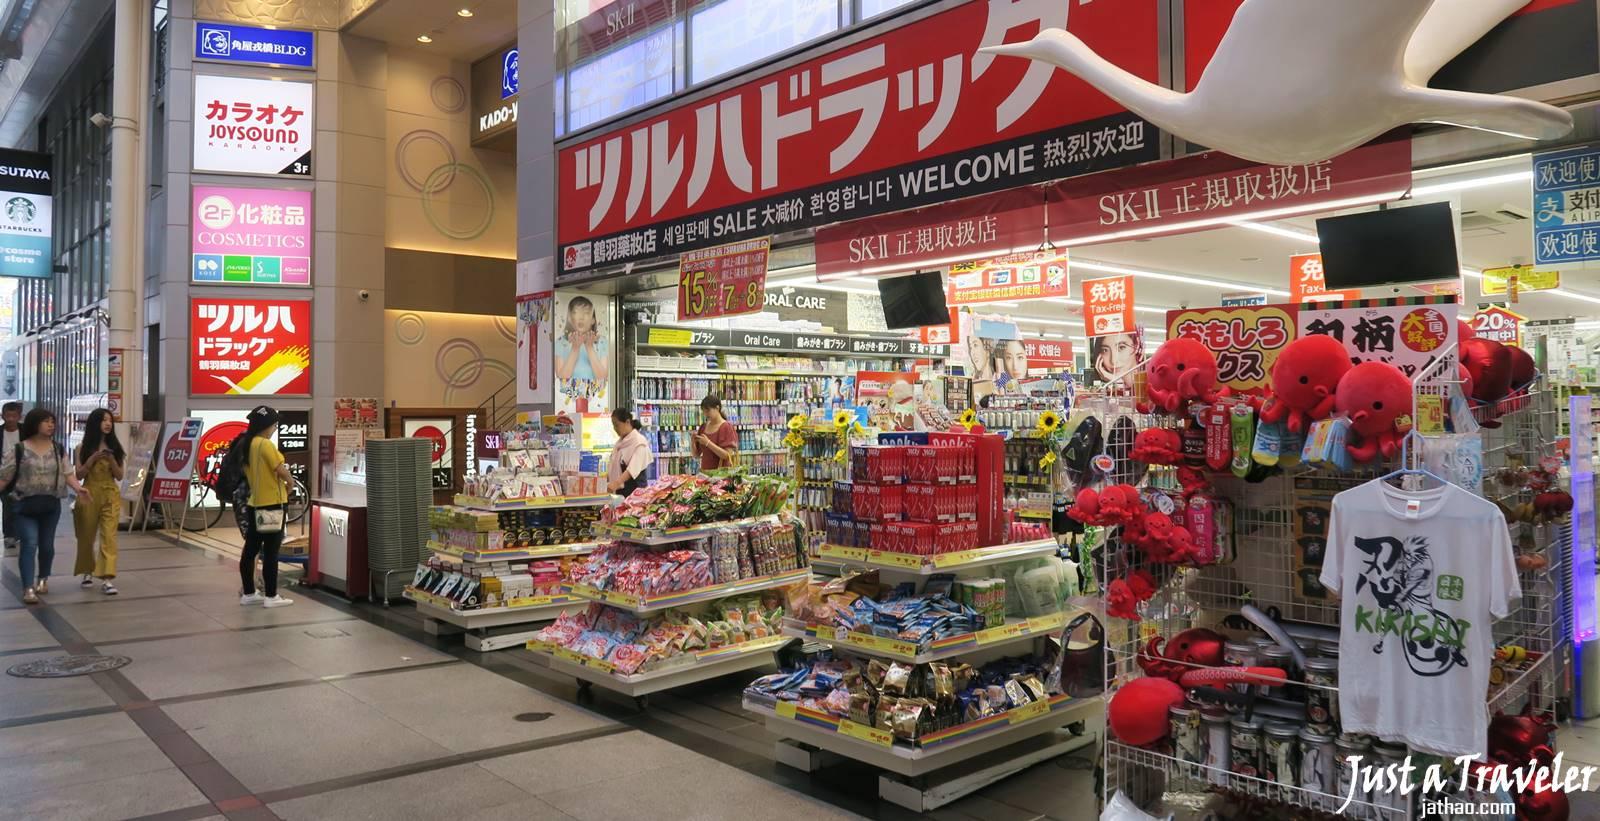 日本-日本退稅-日本免稅-懶人包-攻略-自由行-日本退稅條件-免稅商品-日本退稅方法-Japan-Tax-Refund-Exempt